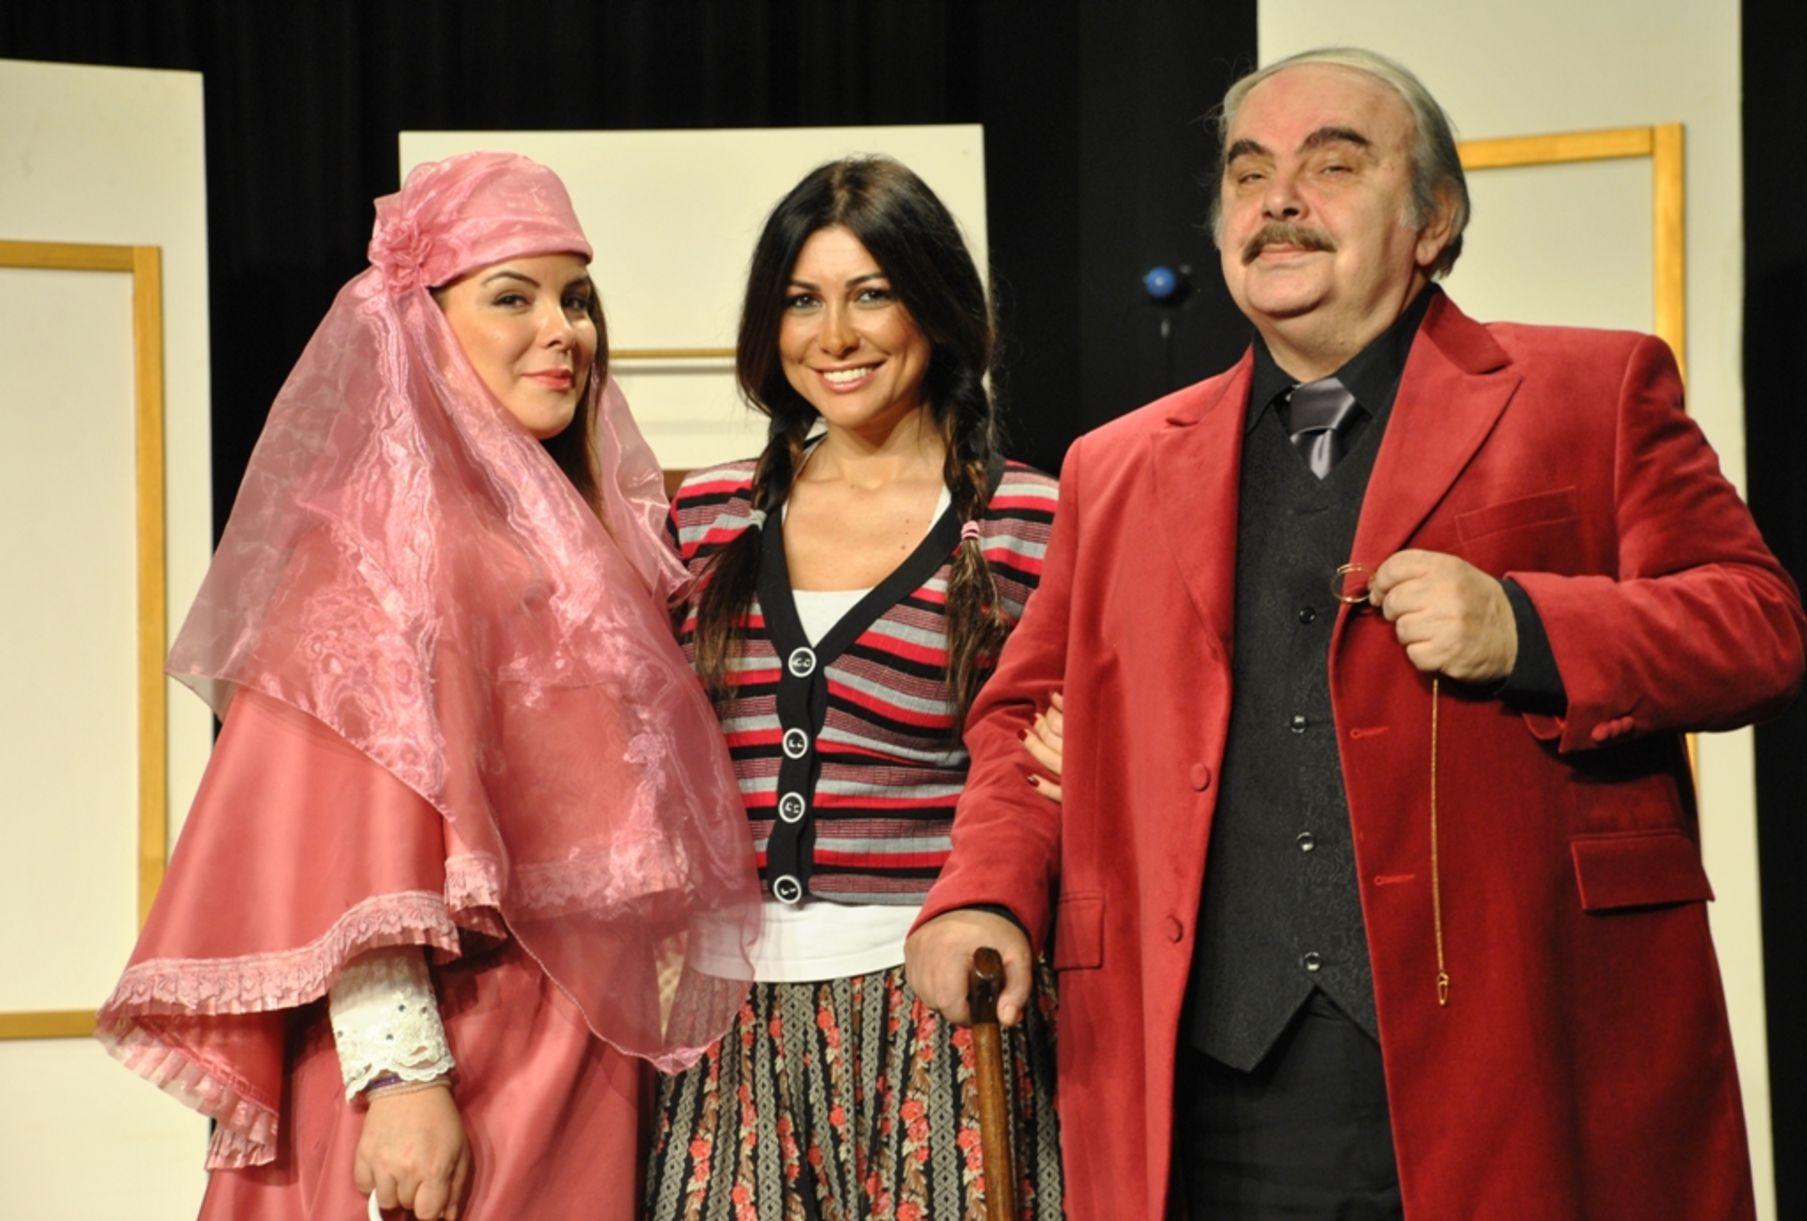 Enis Fosforoğlu, ilk kez 1986'da sahnelediği Hüseyin Rahmi Gürpınar'ın eseri 'Şıpsevdi'yi 2011'de tiyatro seyircisiyle yeniden buluşturdu. Sanatçı, 'Şıpsevdi'de kızı Seren Fosforoğlu ile 'Ağabey - Kardeş'i canlandırdı.